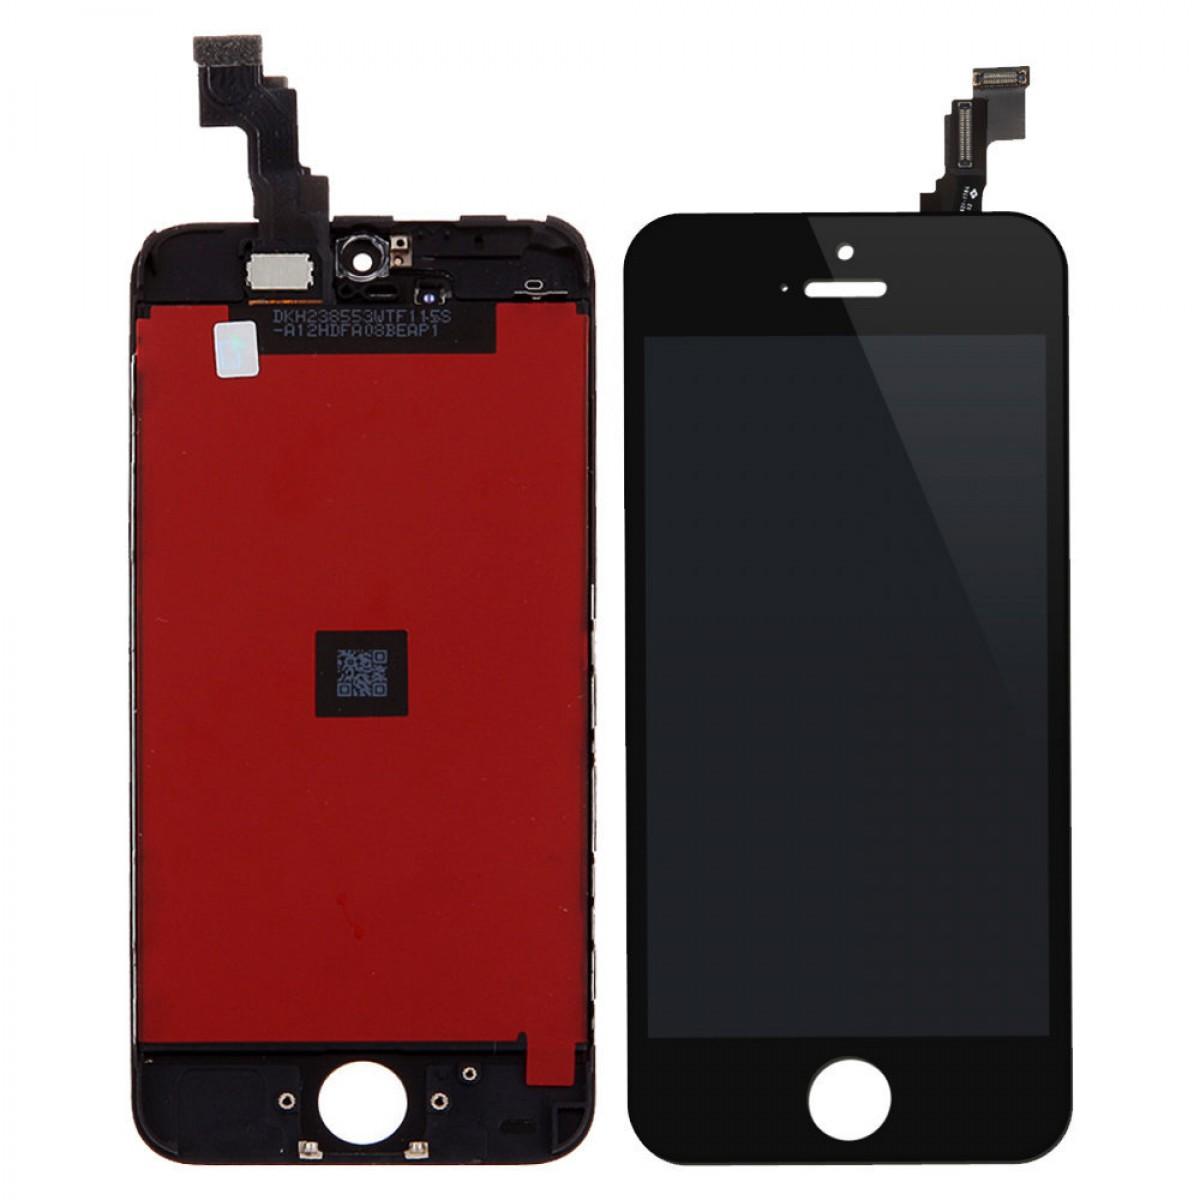 écran Iphone 5c Noir Achat En Ligne Sur Lcd Maroc